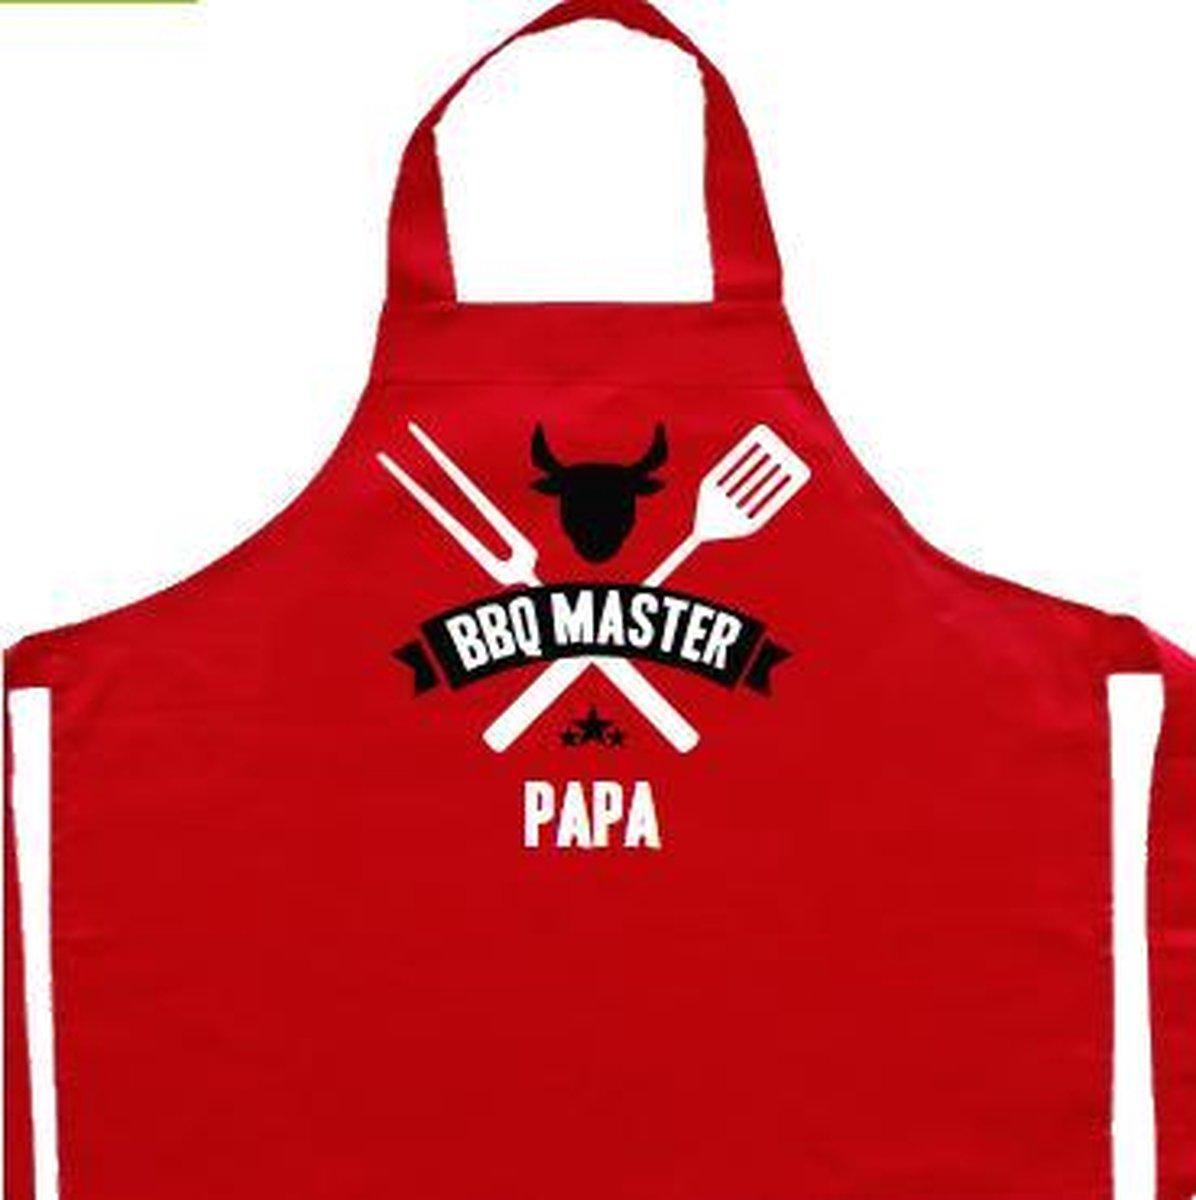 Vaderdag kookschort | rood, BBQ master papa